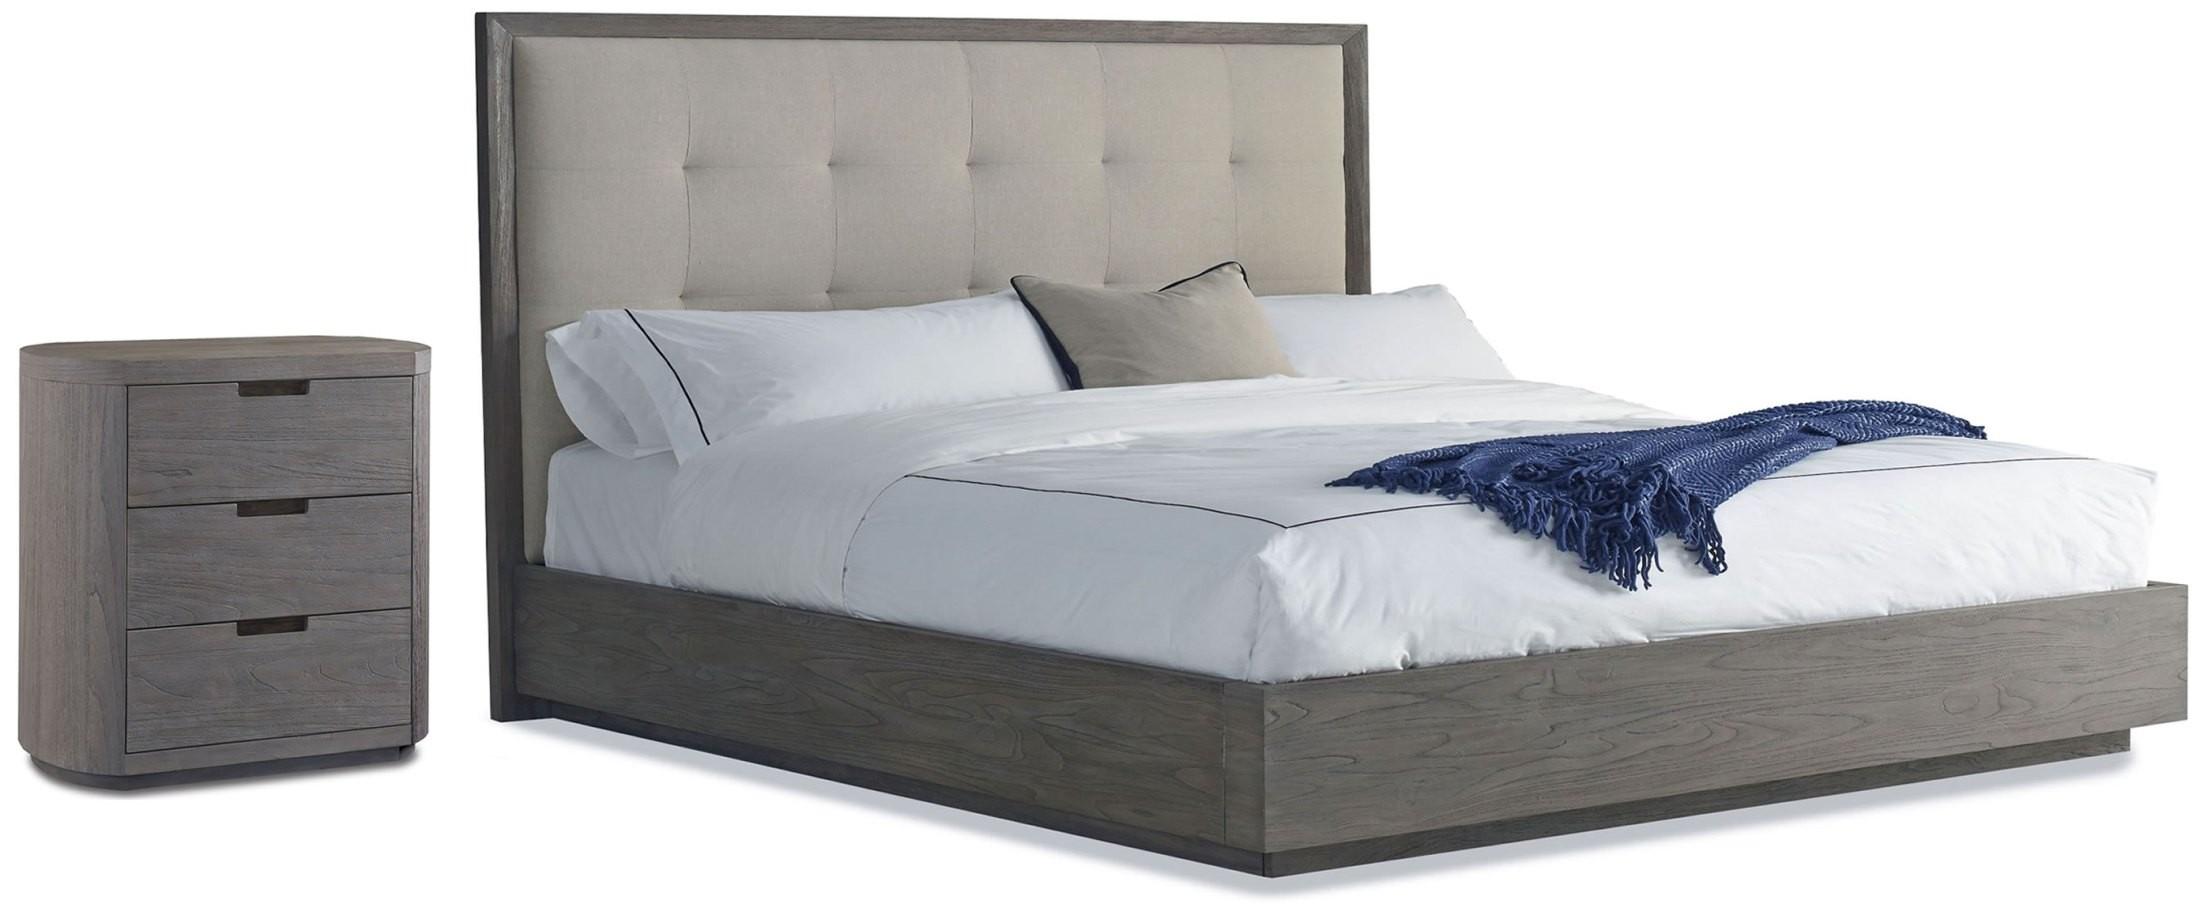 Palmer Cal King Upholstered Platform Bed From Brownstone